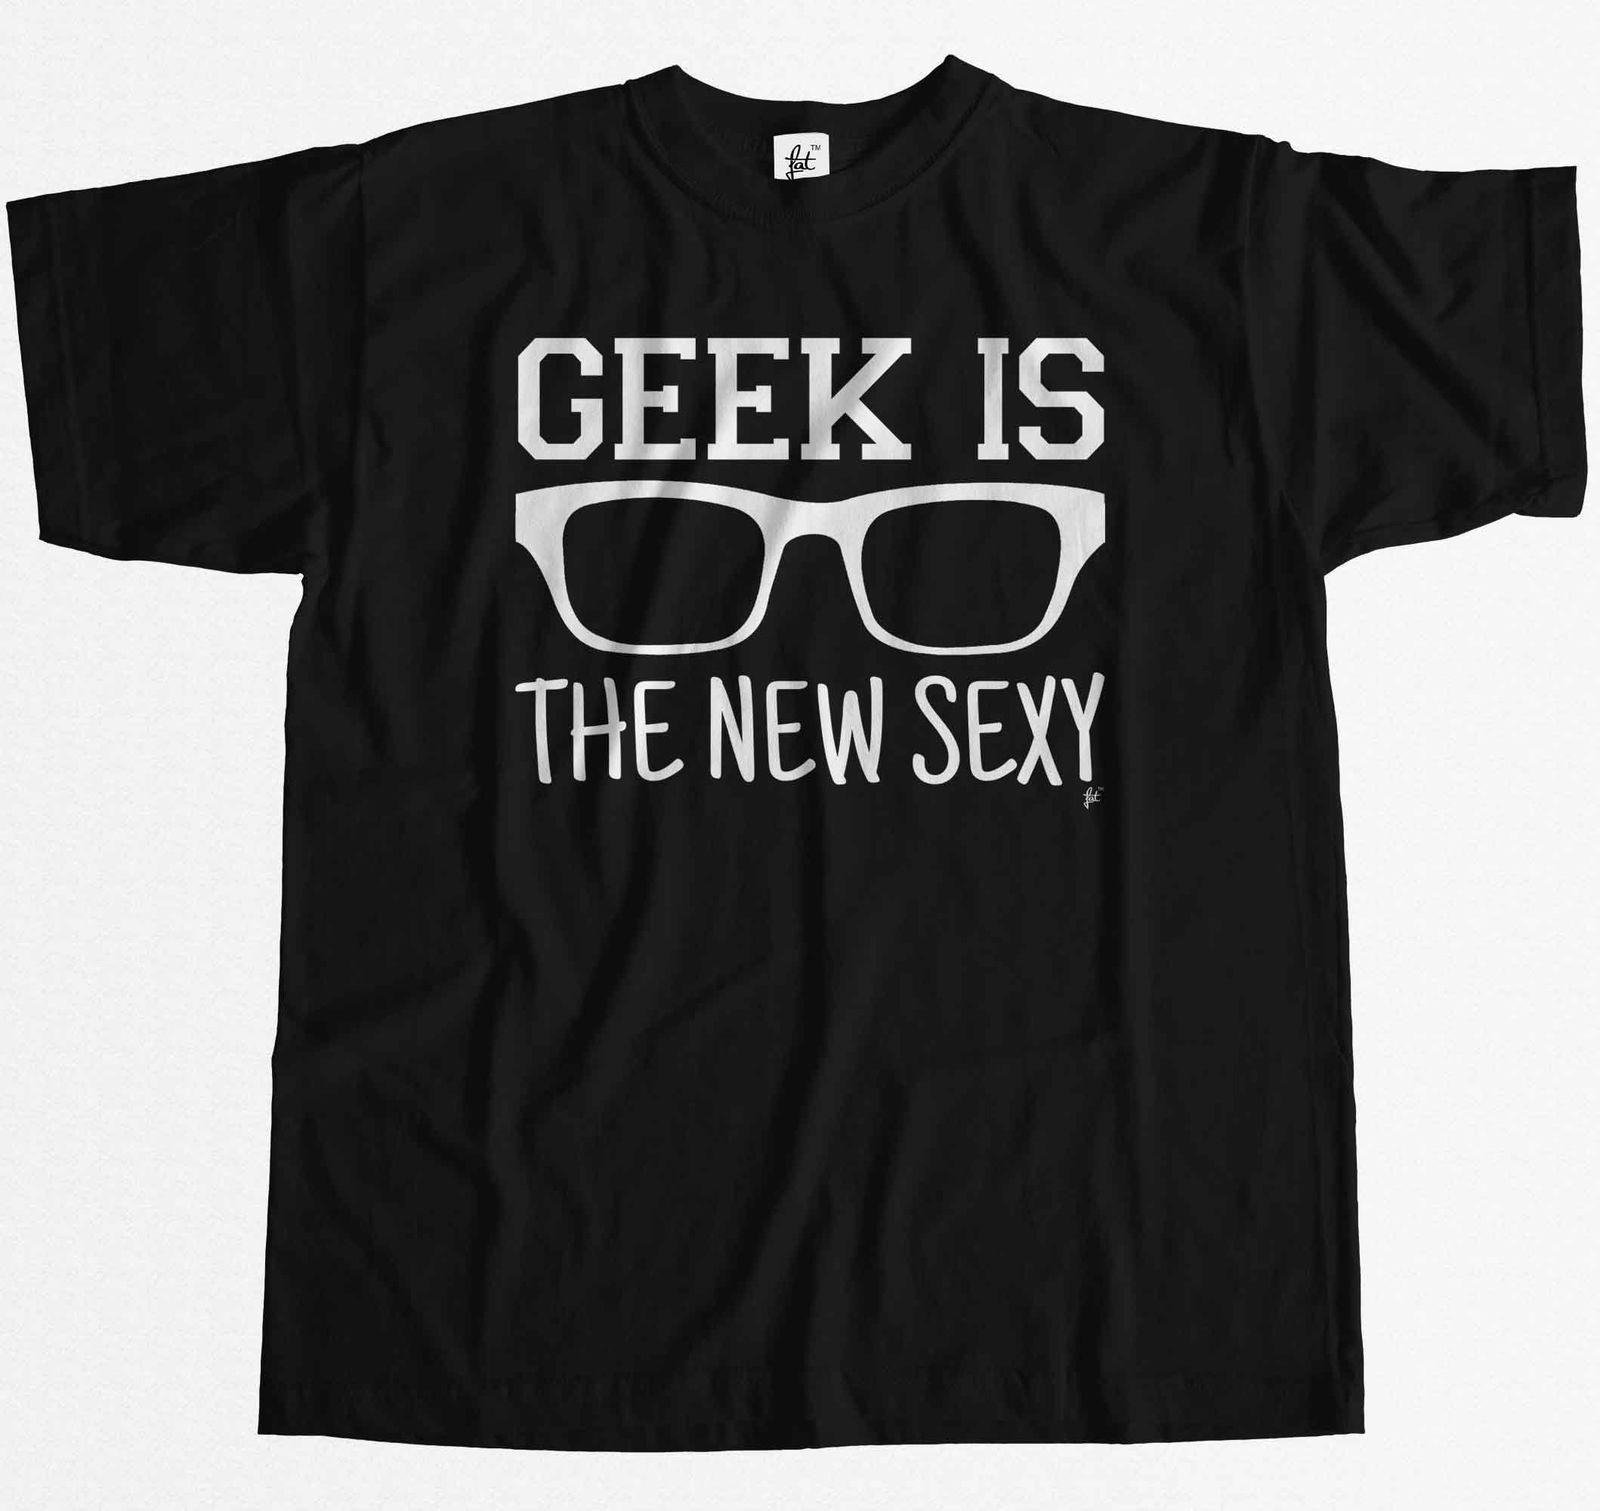 T-Shirt Summer Novelty Cartoon T Shirt Brill Hipster - Geek Is The New Sexy Mens T-Shirt Movie Shirt